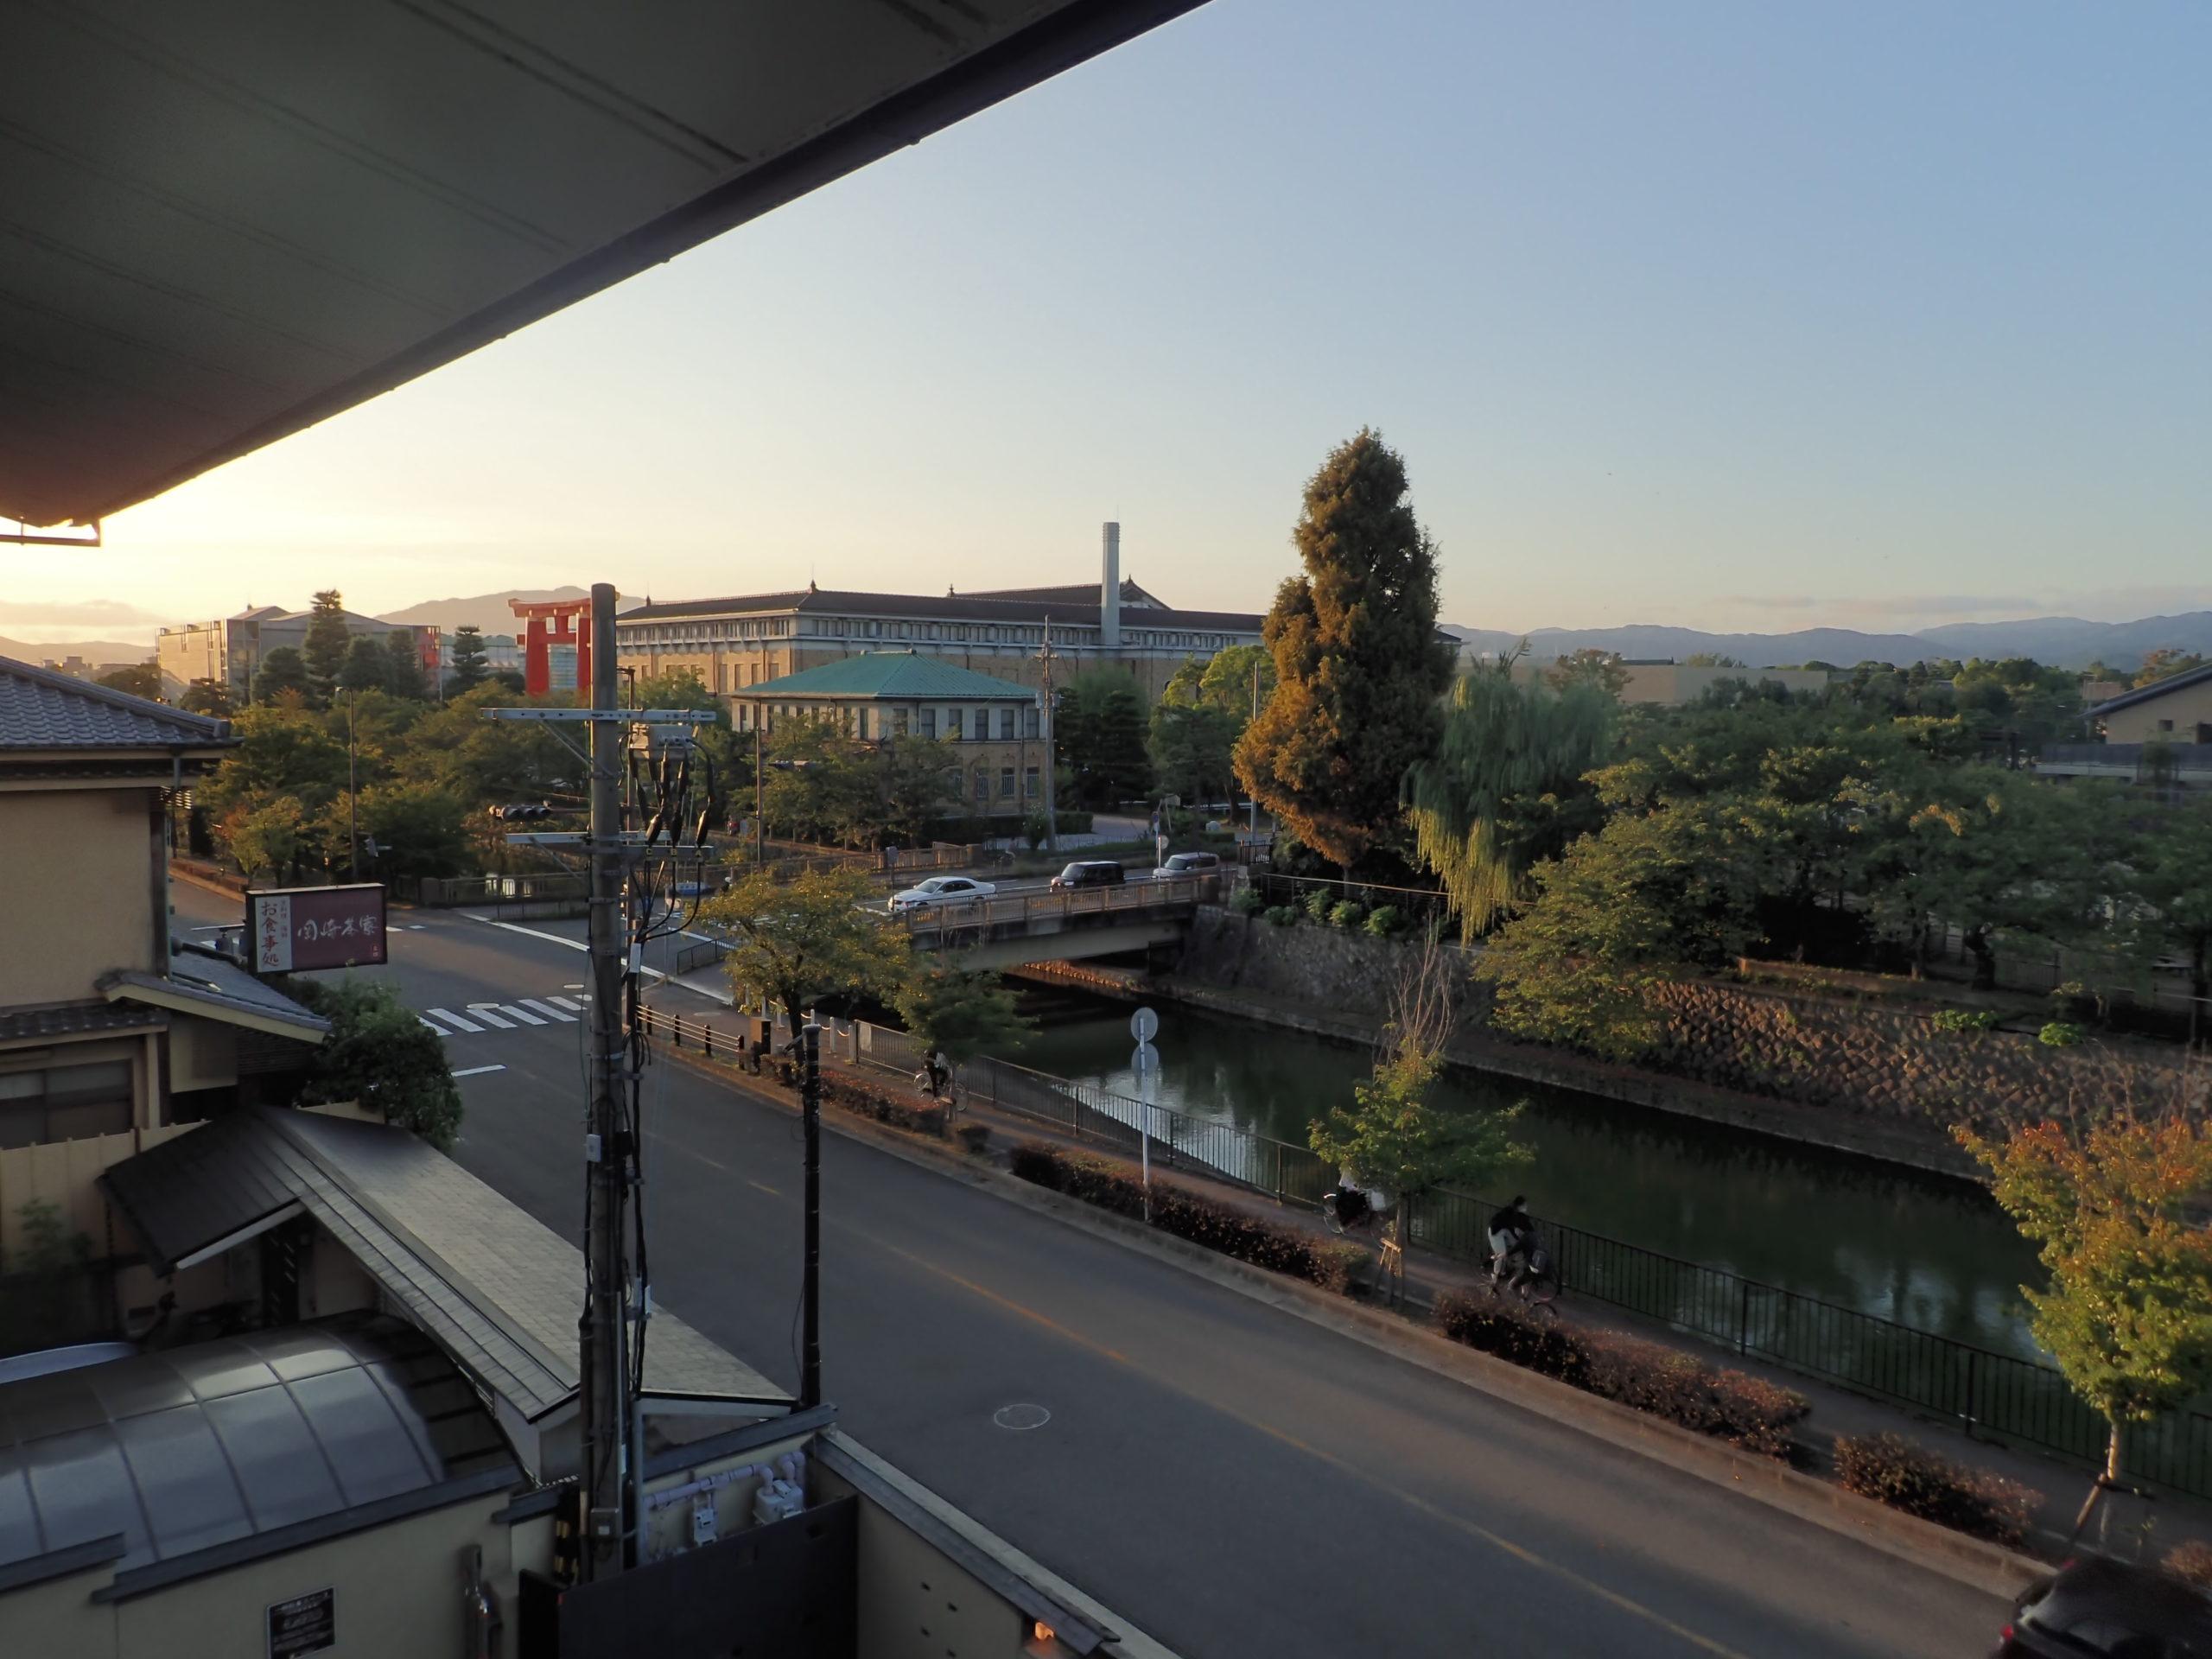 ポイントバケーション京都岡崎の客室から見える景色